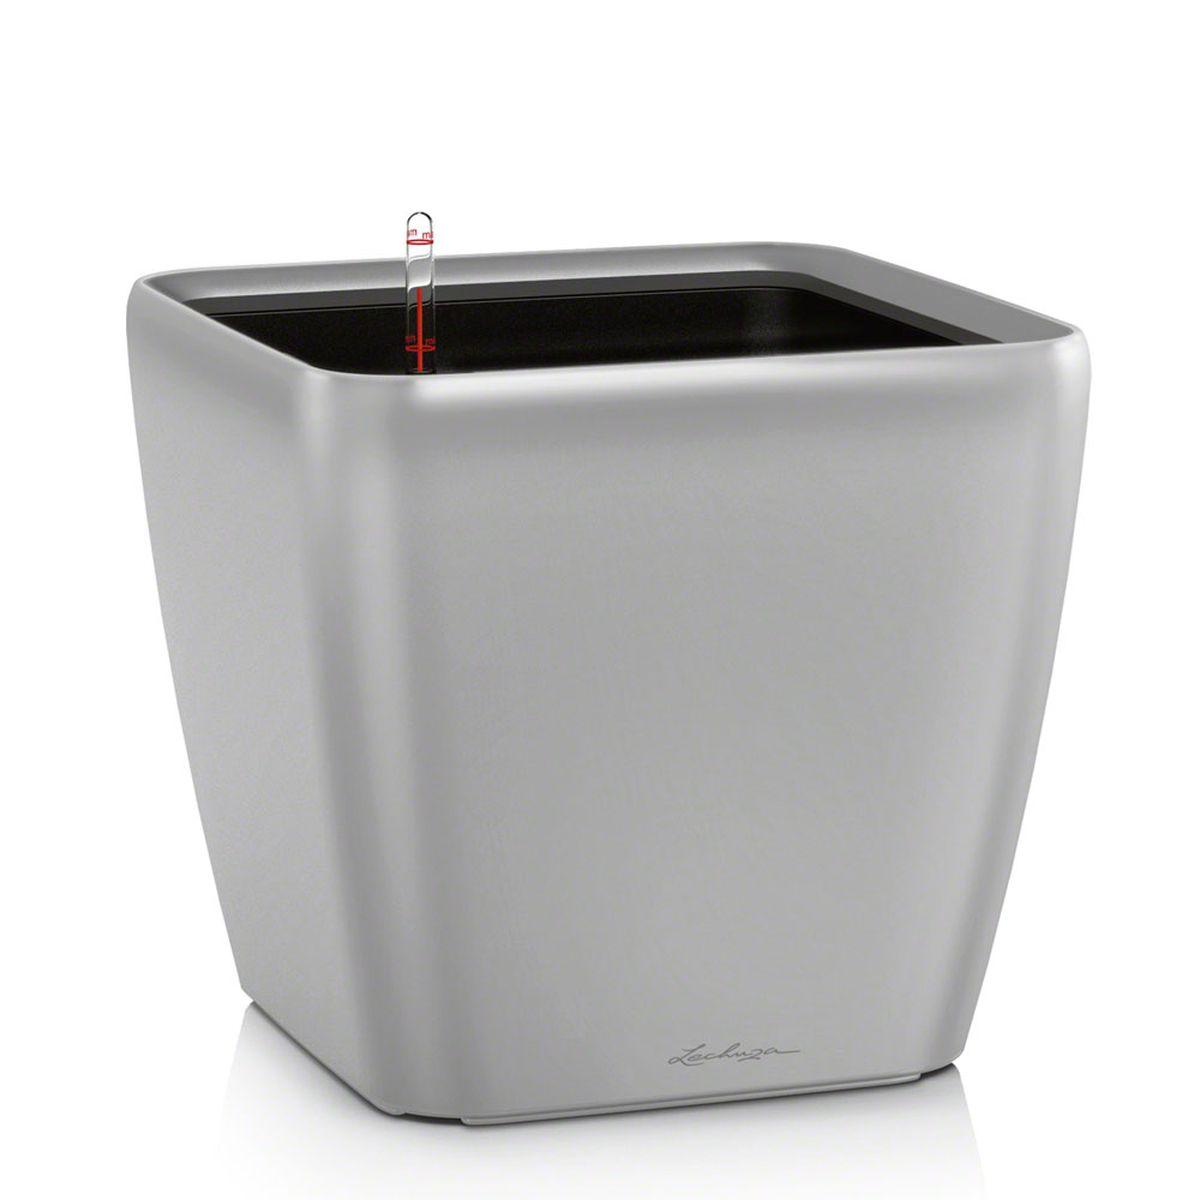 Кашпо с автополивом Lechuza Quadro, цвет: серебристый, 50х47 см531-402Кашпо с автополивом Lechuza Quadro изготовлено из пластика. Кашпо порадует вас функциональностью, а благодаря лаконичному дизайну впишется в любой интерьер помещения.